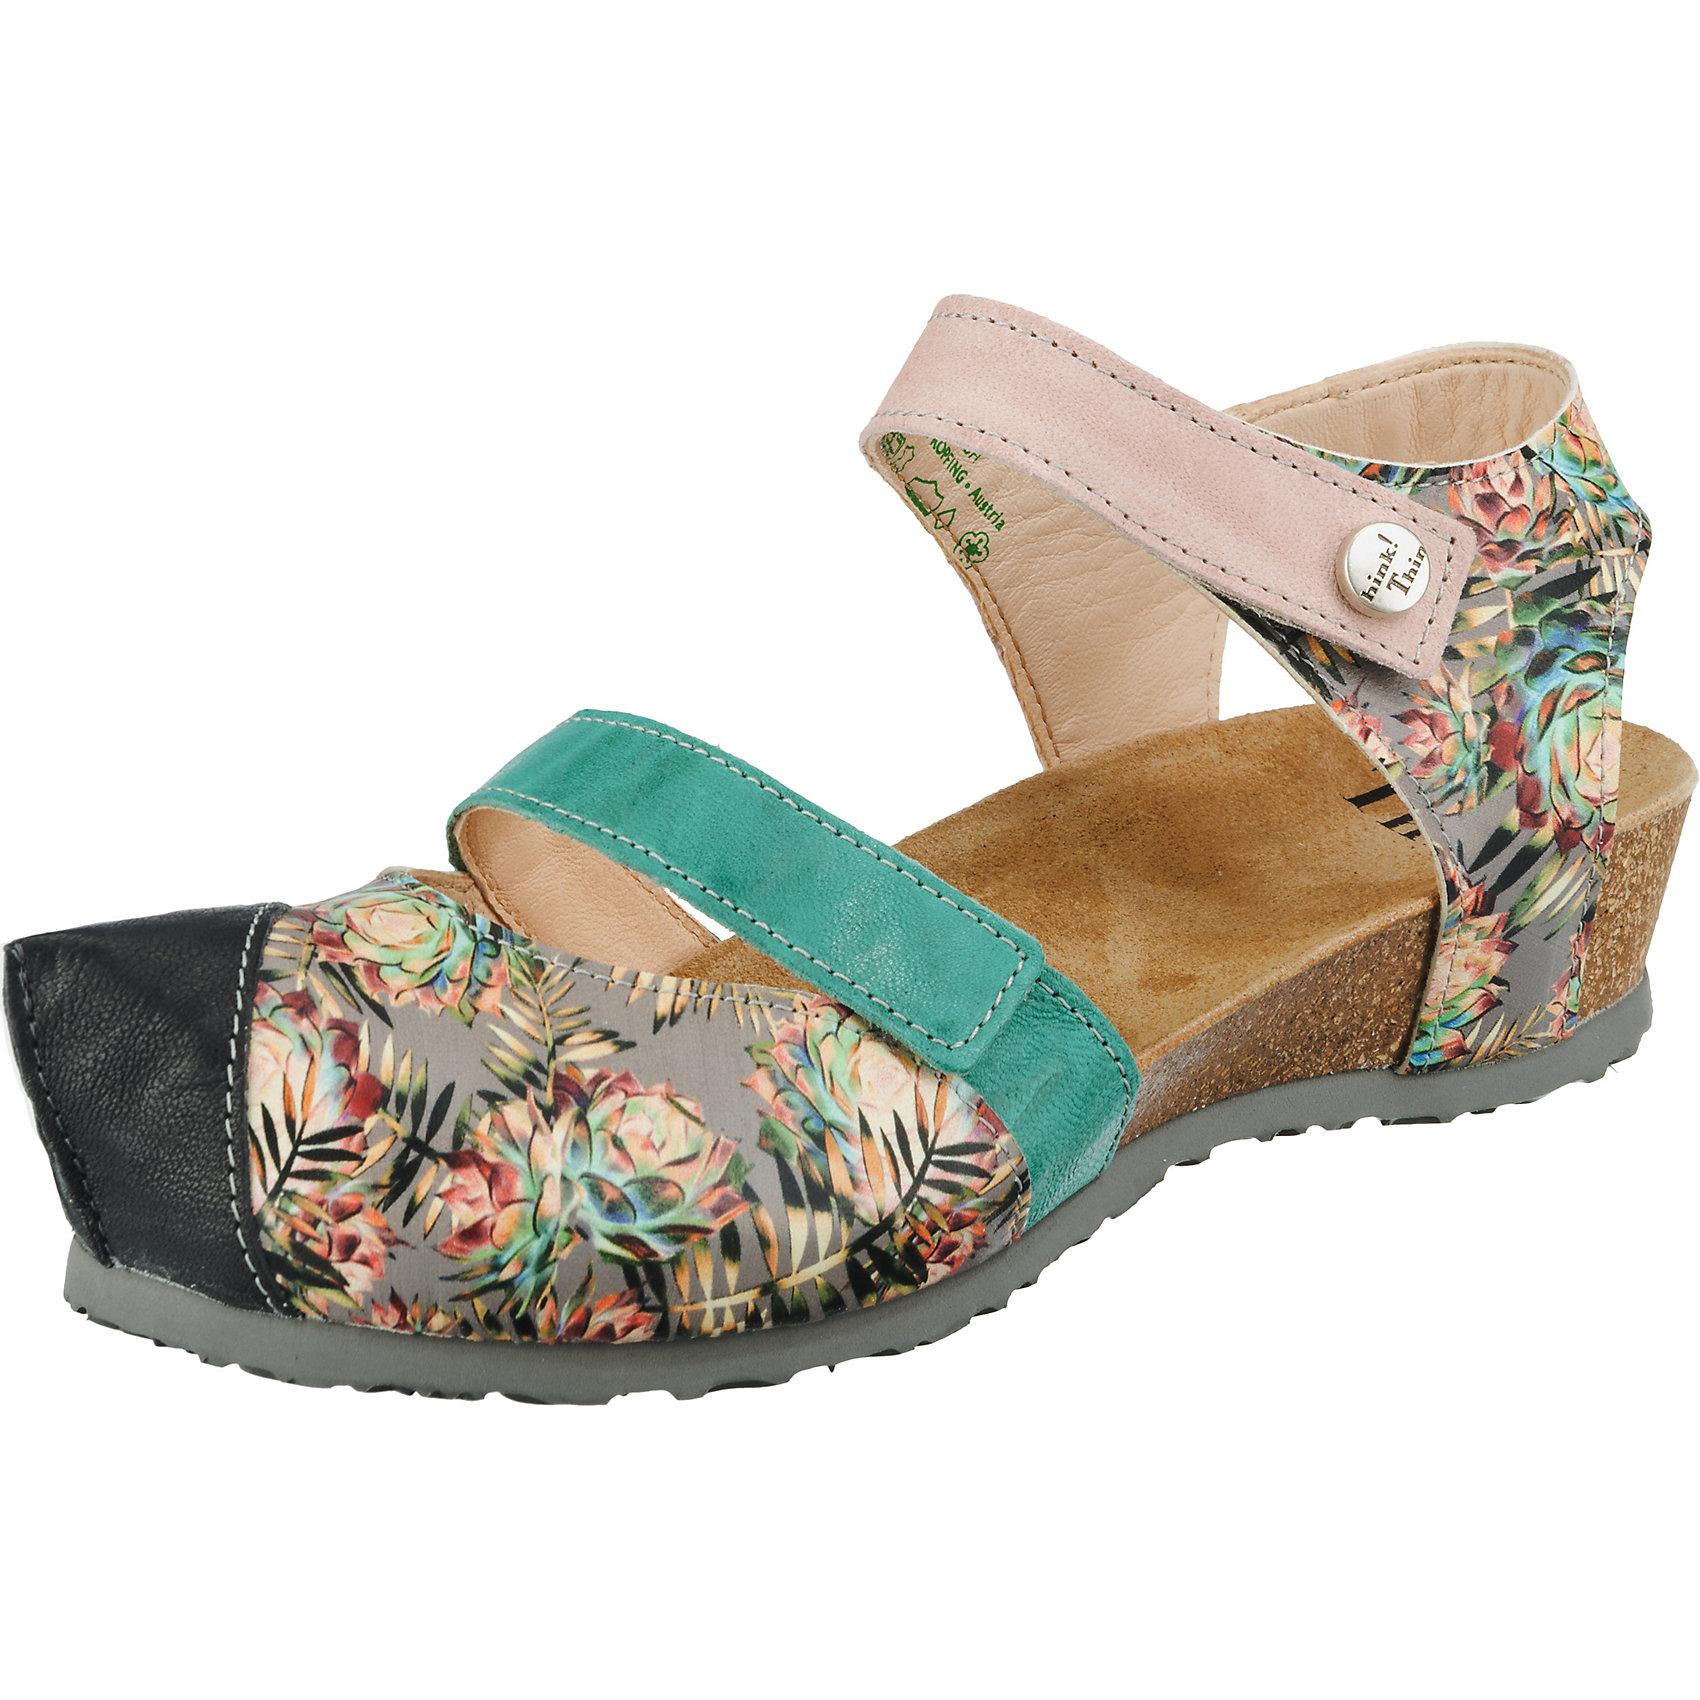 Neu Think  Kessy Klassische Klassische Klassische Sandalen 10230415 für Damen bunt 3ea040